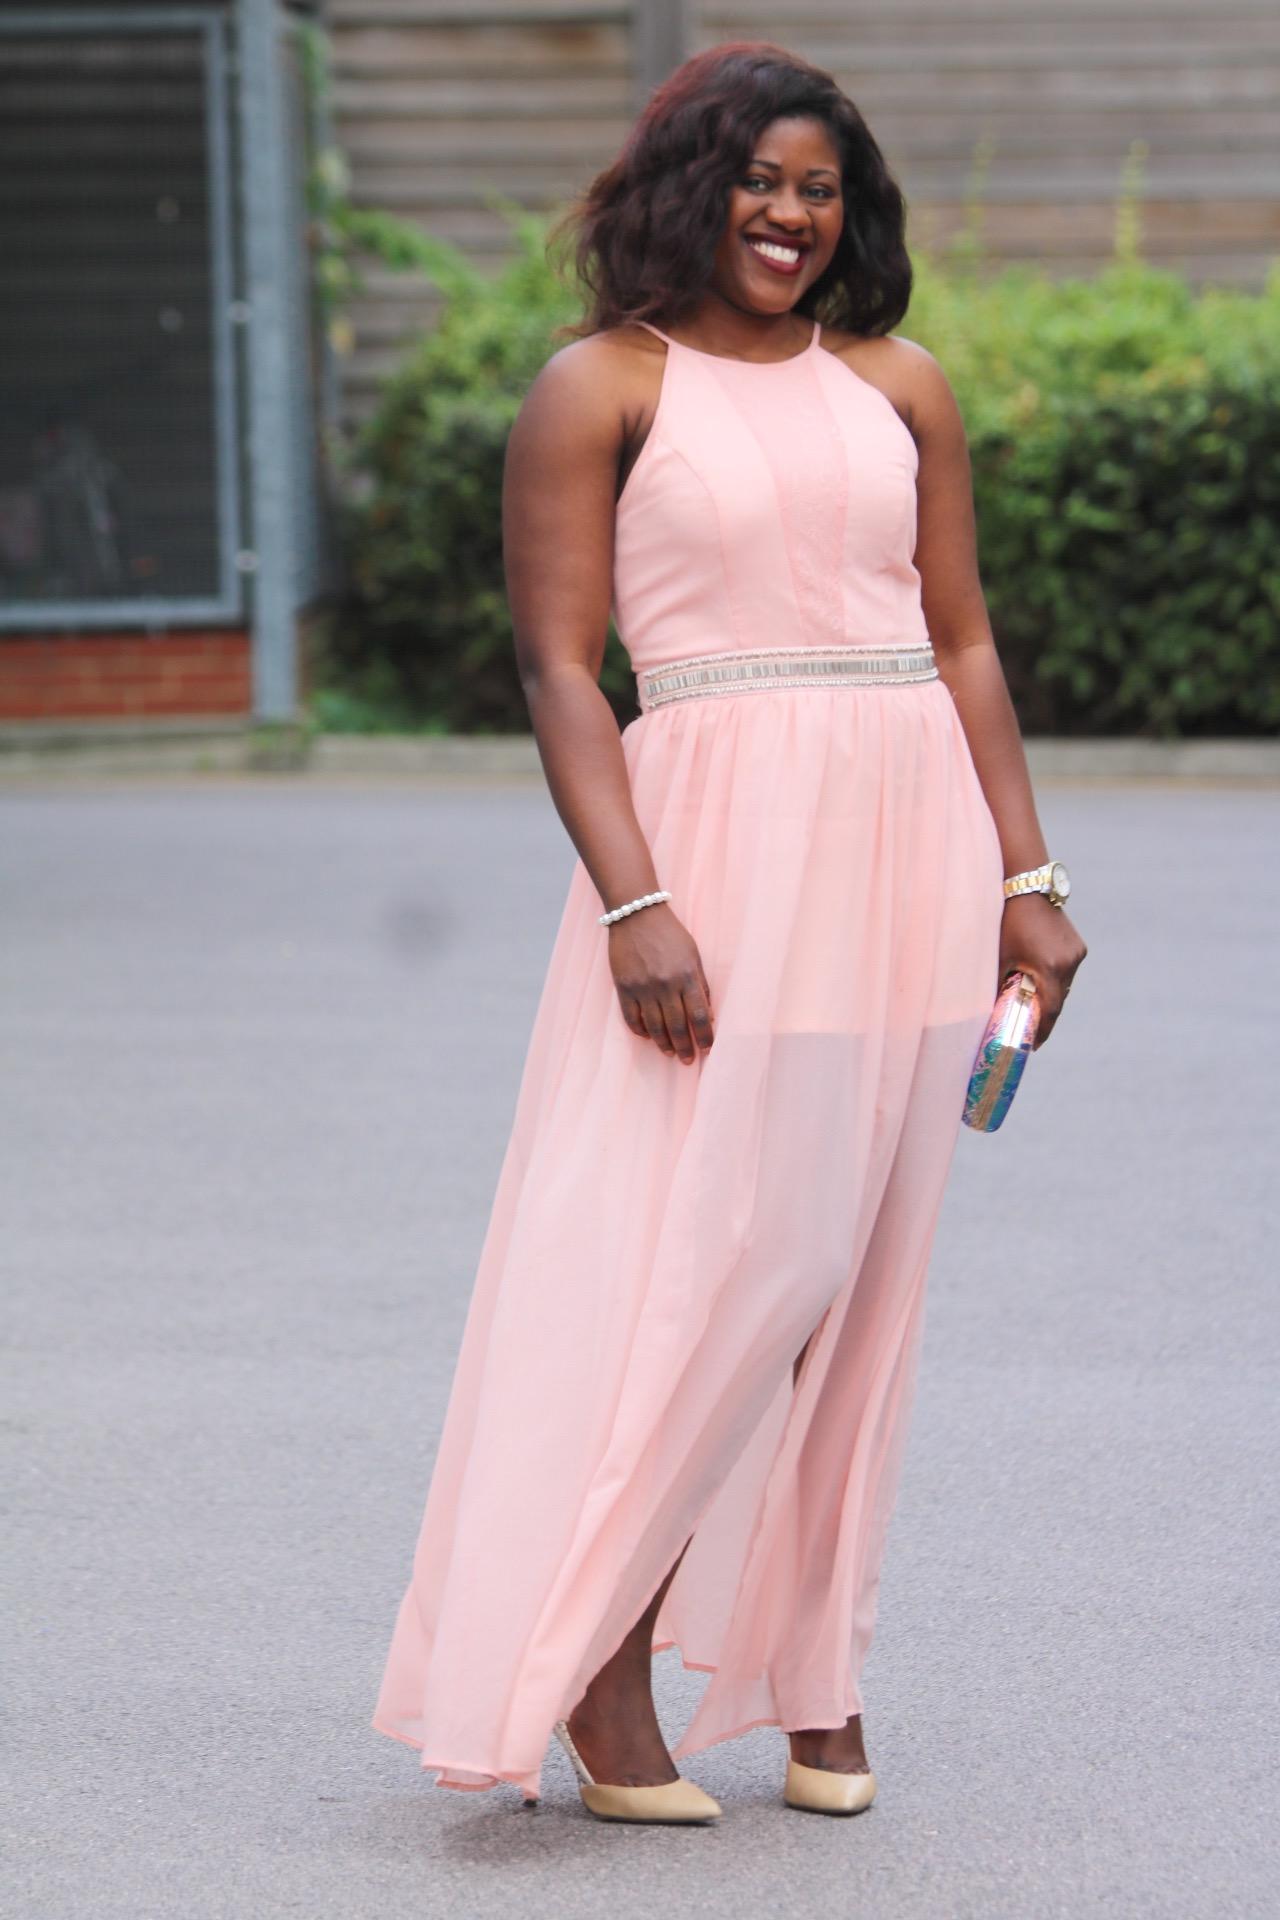 CURVY BLACK Cameroonian Beautiful Women FASHION